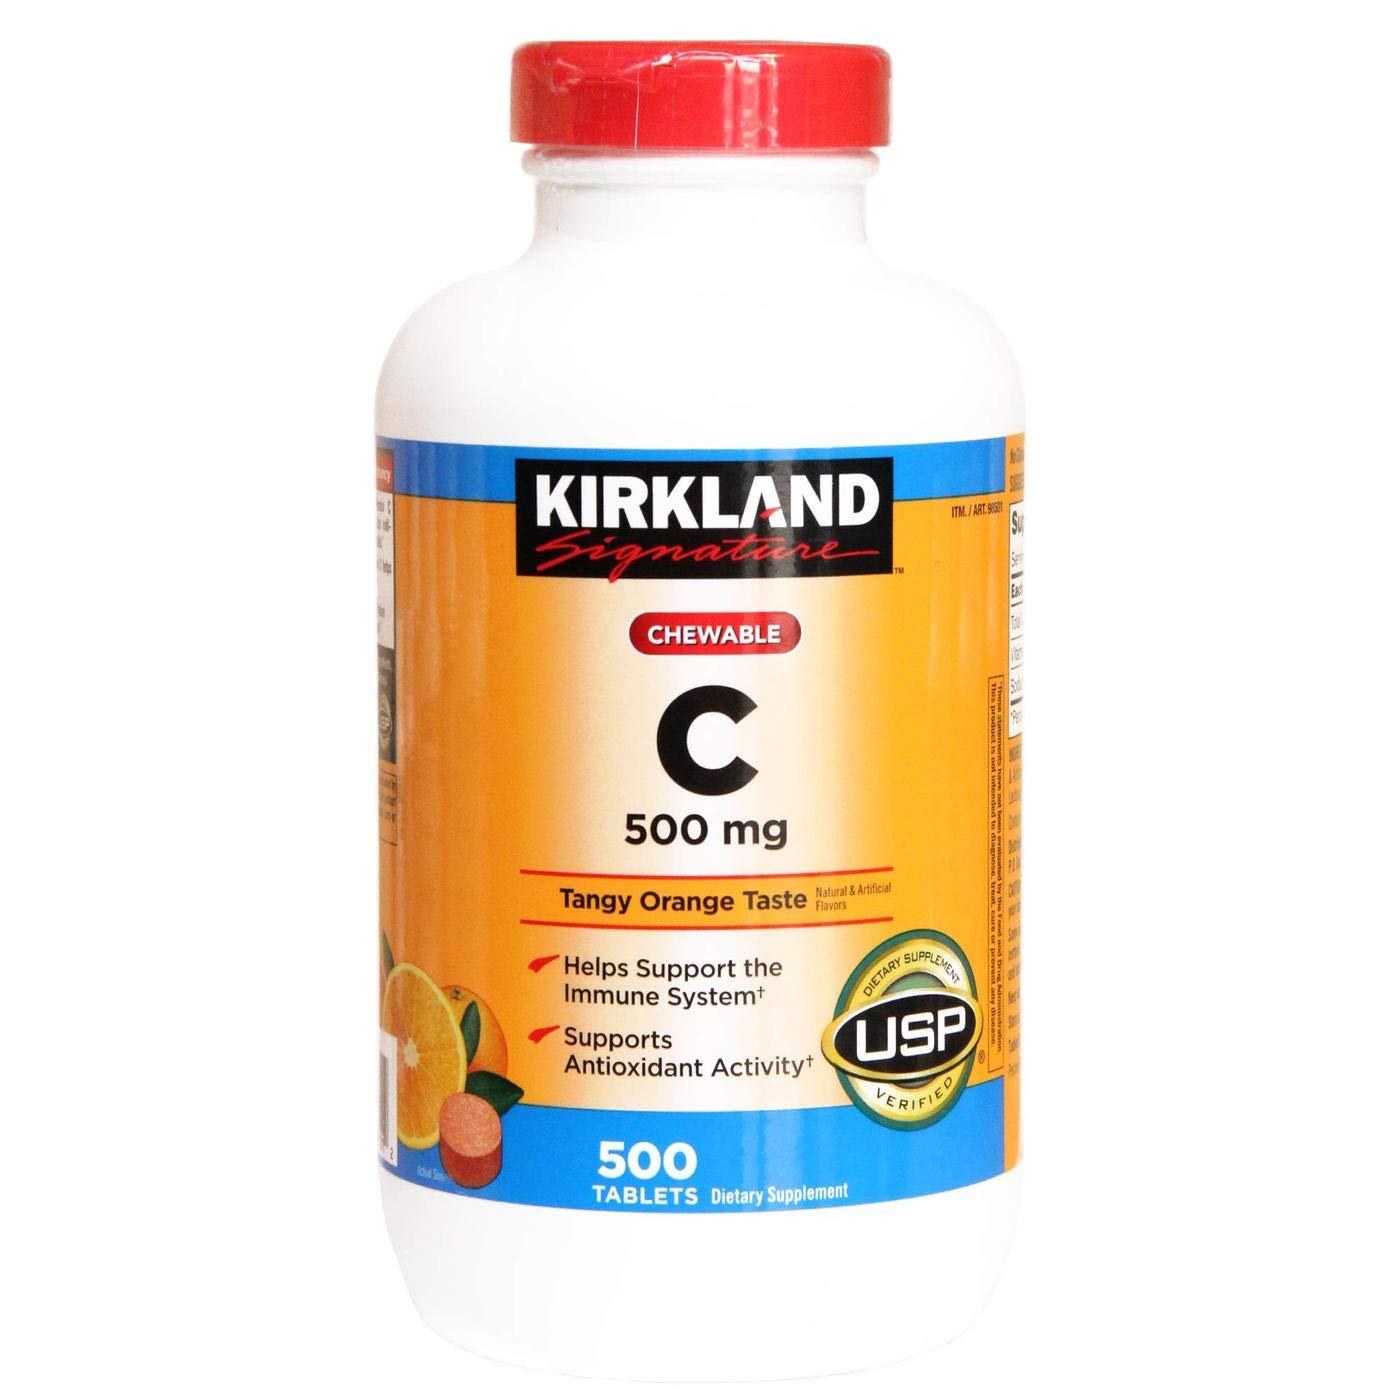 Viên ngậm đẹp da và đẩy xa độc tốVitamin C 500mg Kirkland Signatuare 500 viên